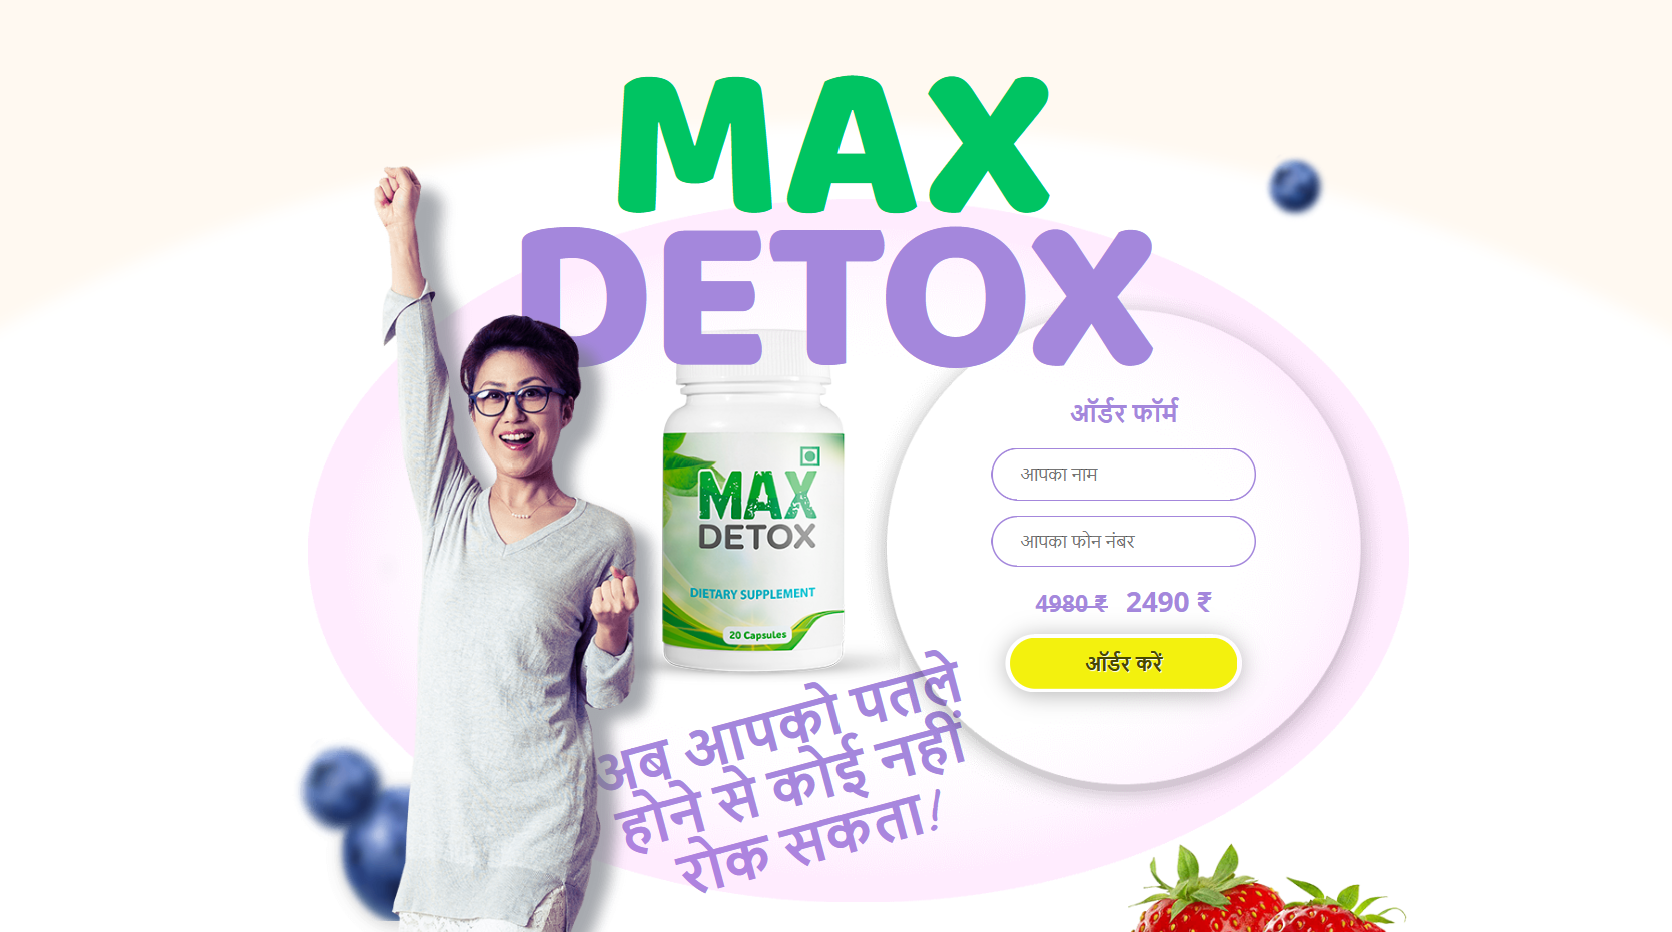 Max Detox